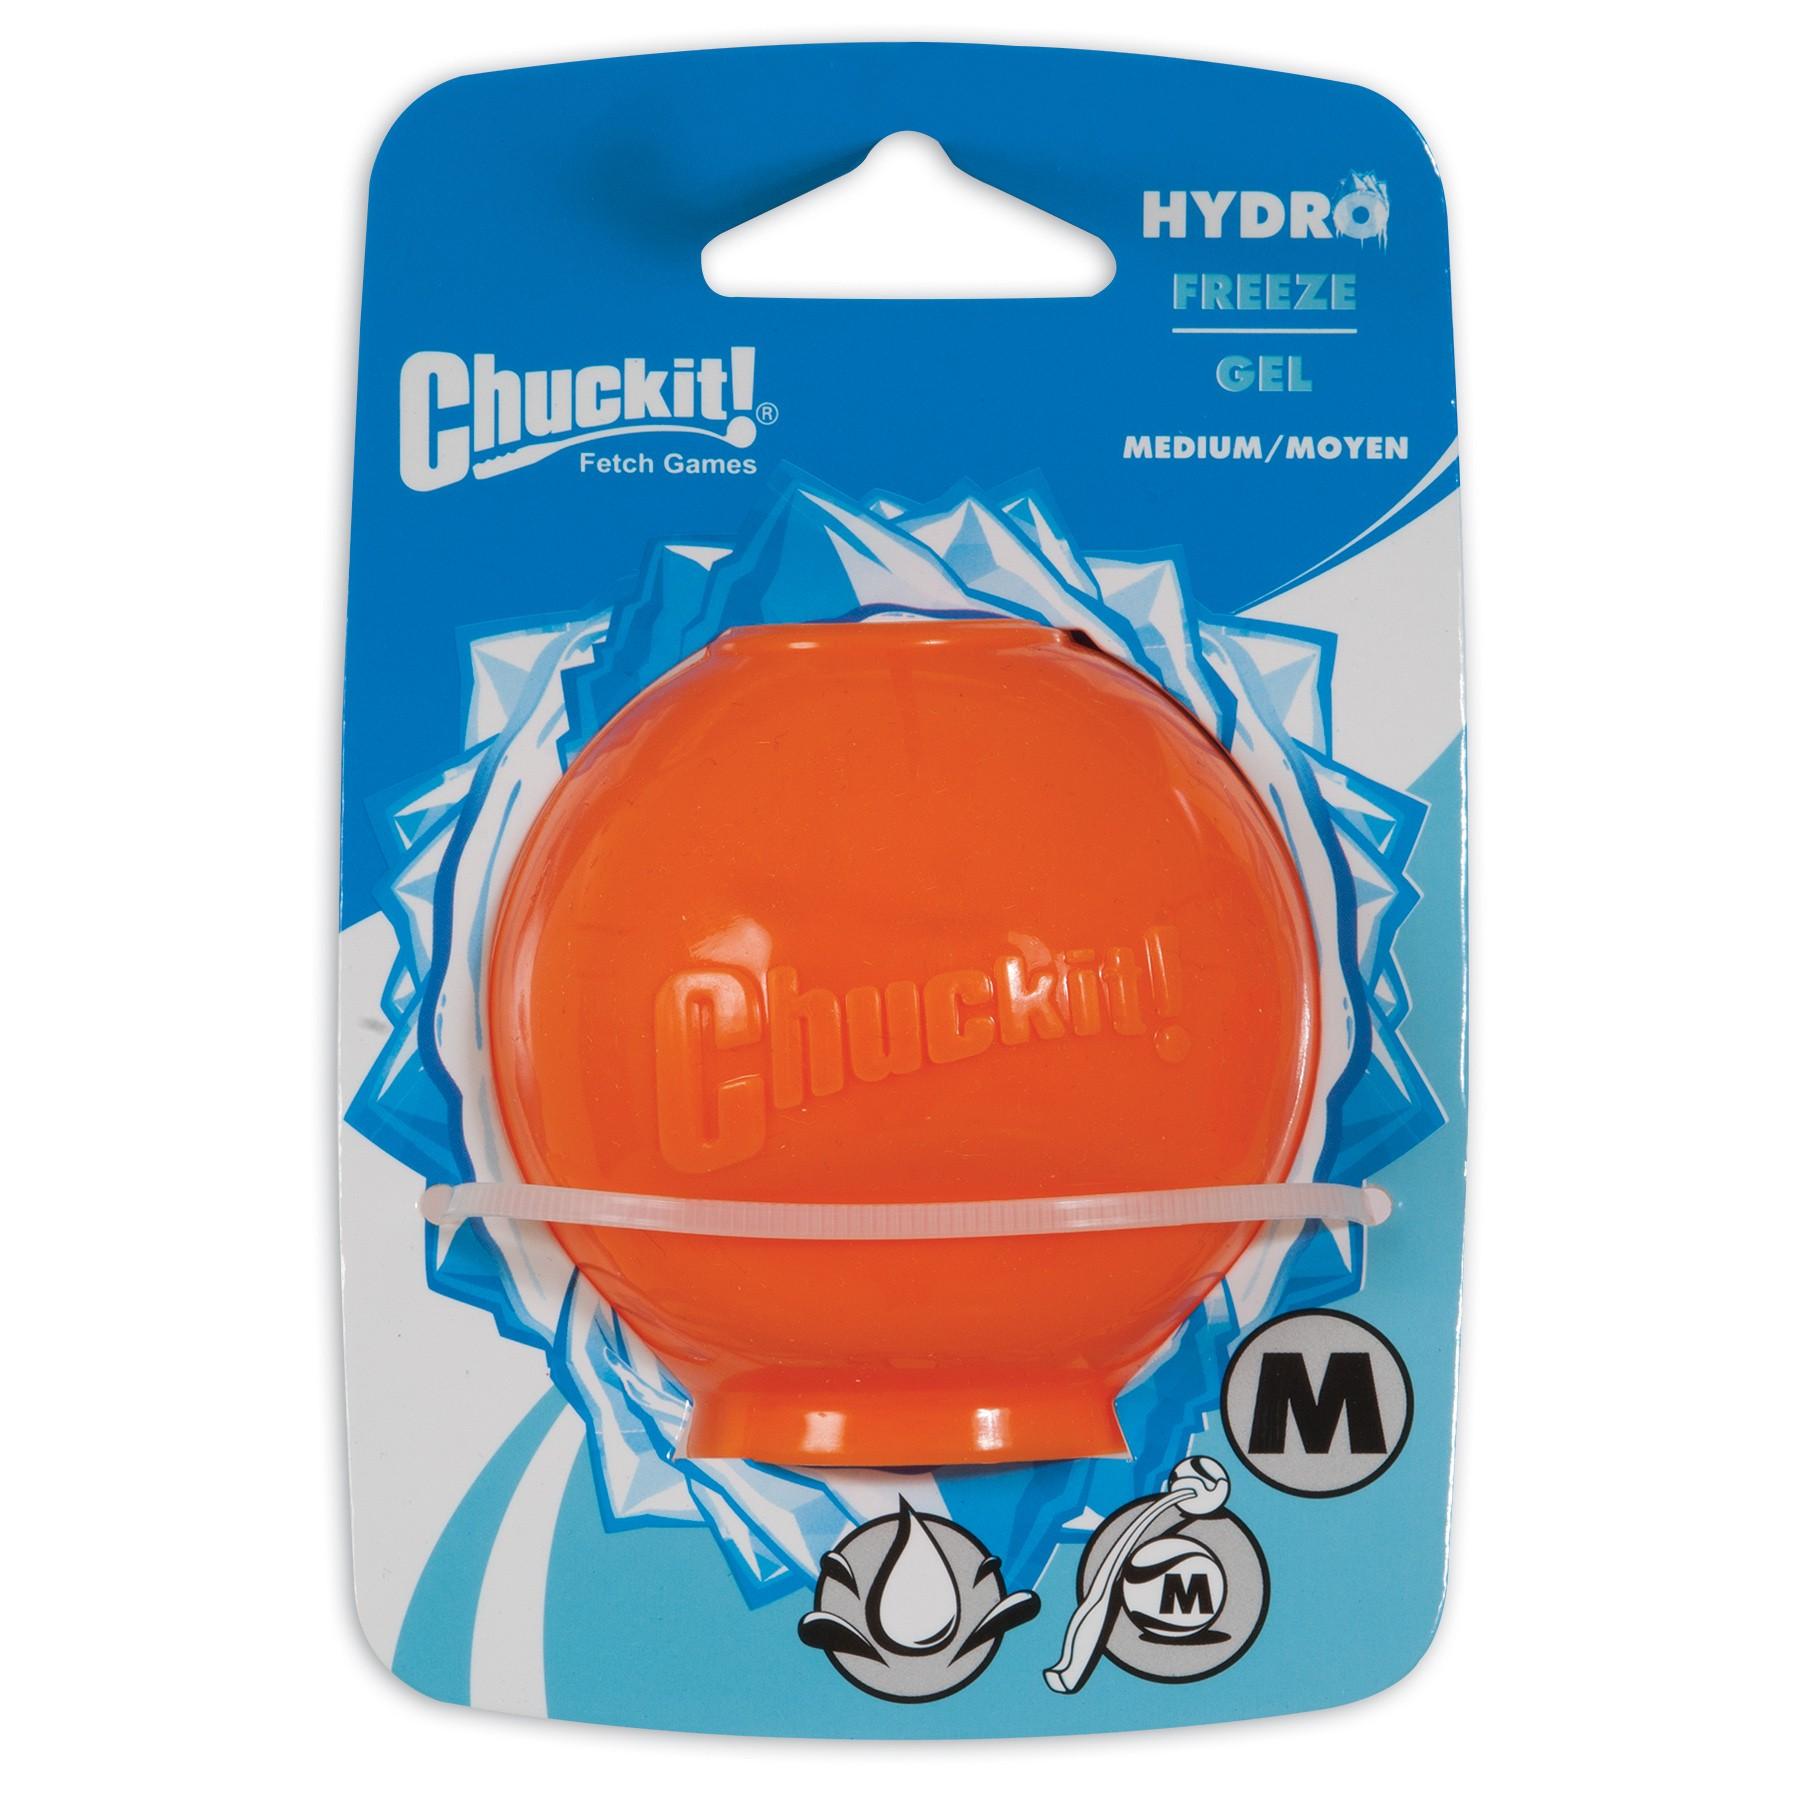 Chuckit! Hydrofreeze